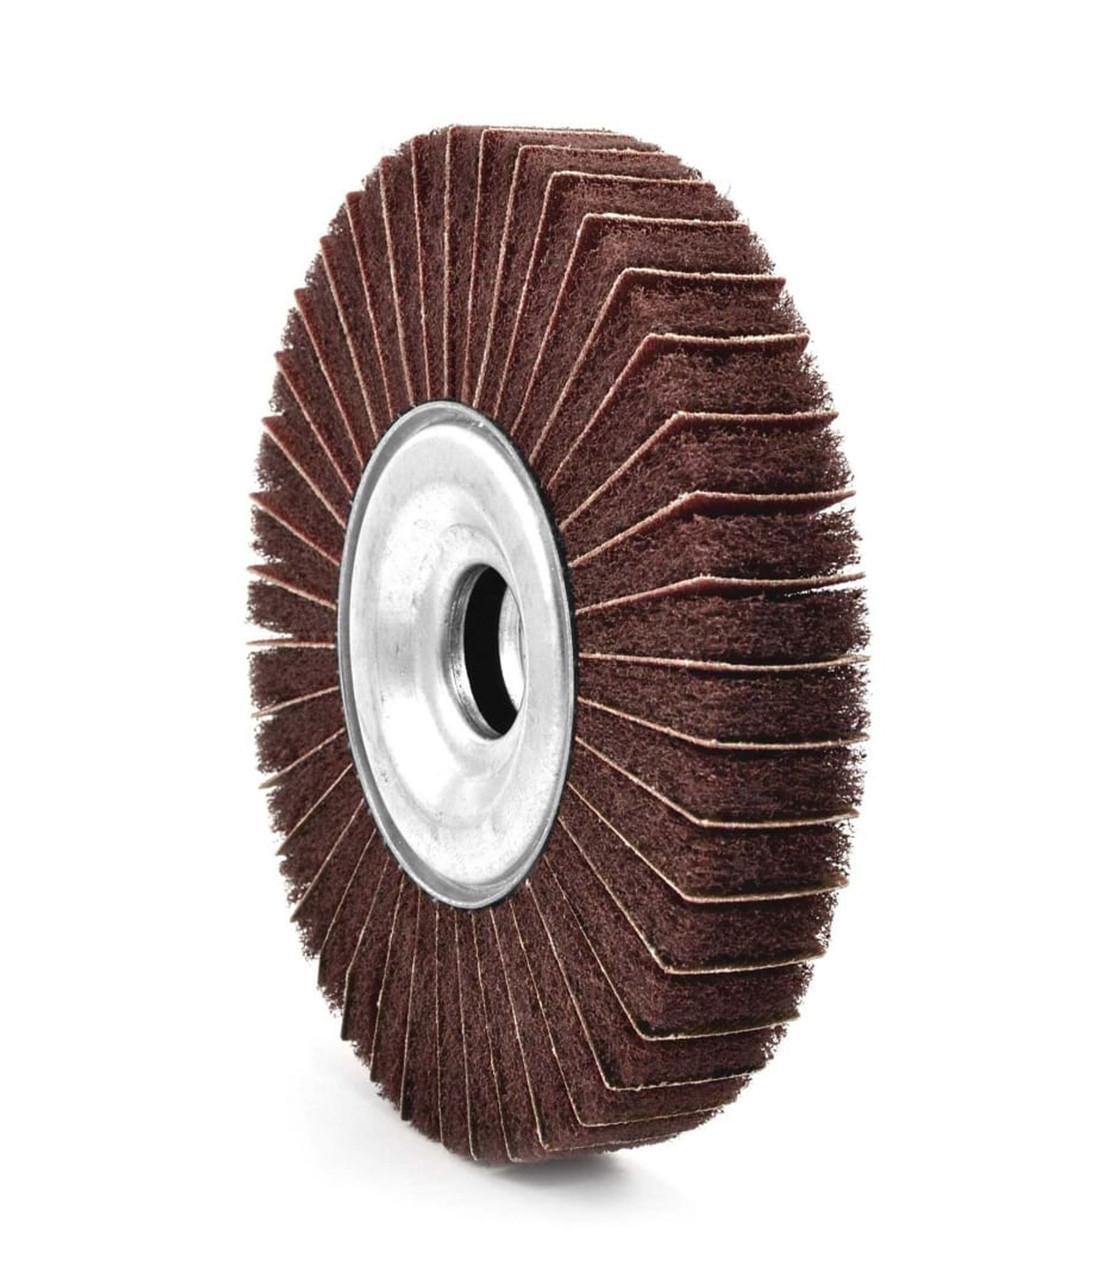 SHUR-BRITE™ Unmounted Duplex Wheel